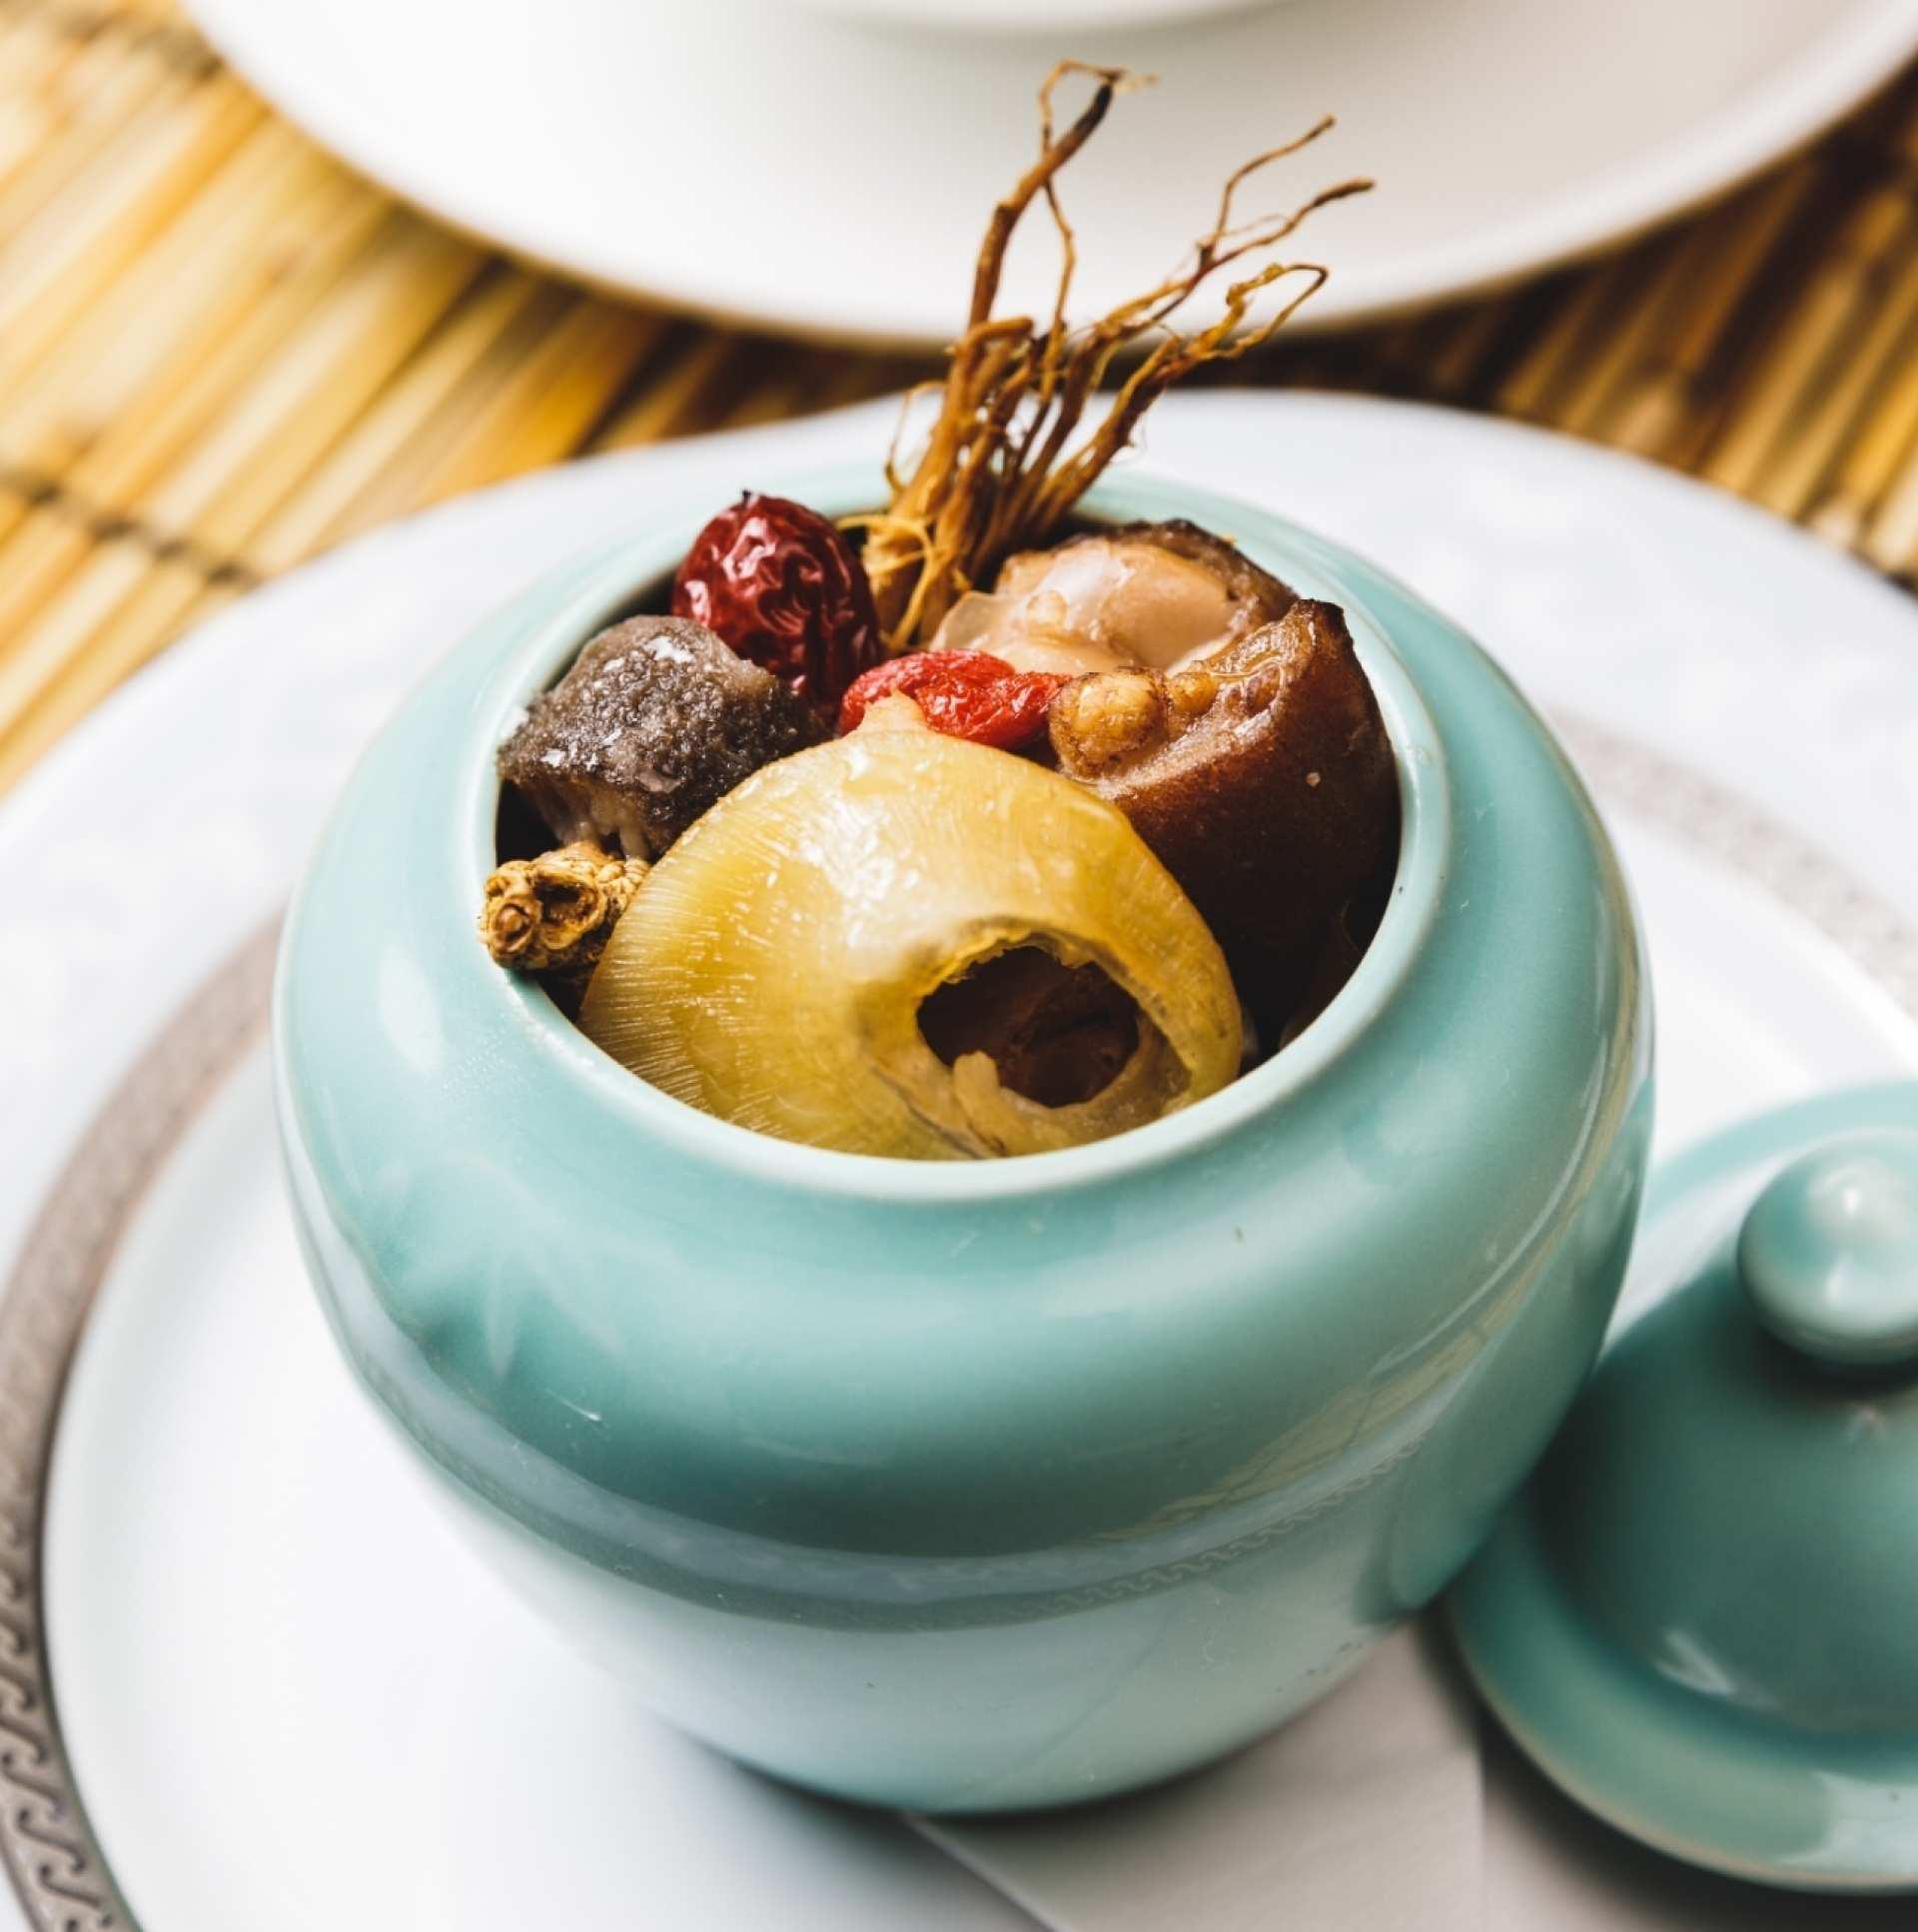 2021年春節・本場台湾のおせち料理(年菜)を日本にお届け!佛跳牆・滷豬蹄膀・燻鶏など15種類・送料込み|おうちで台湾